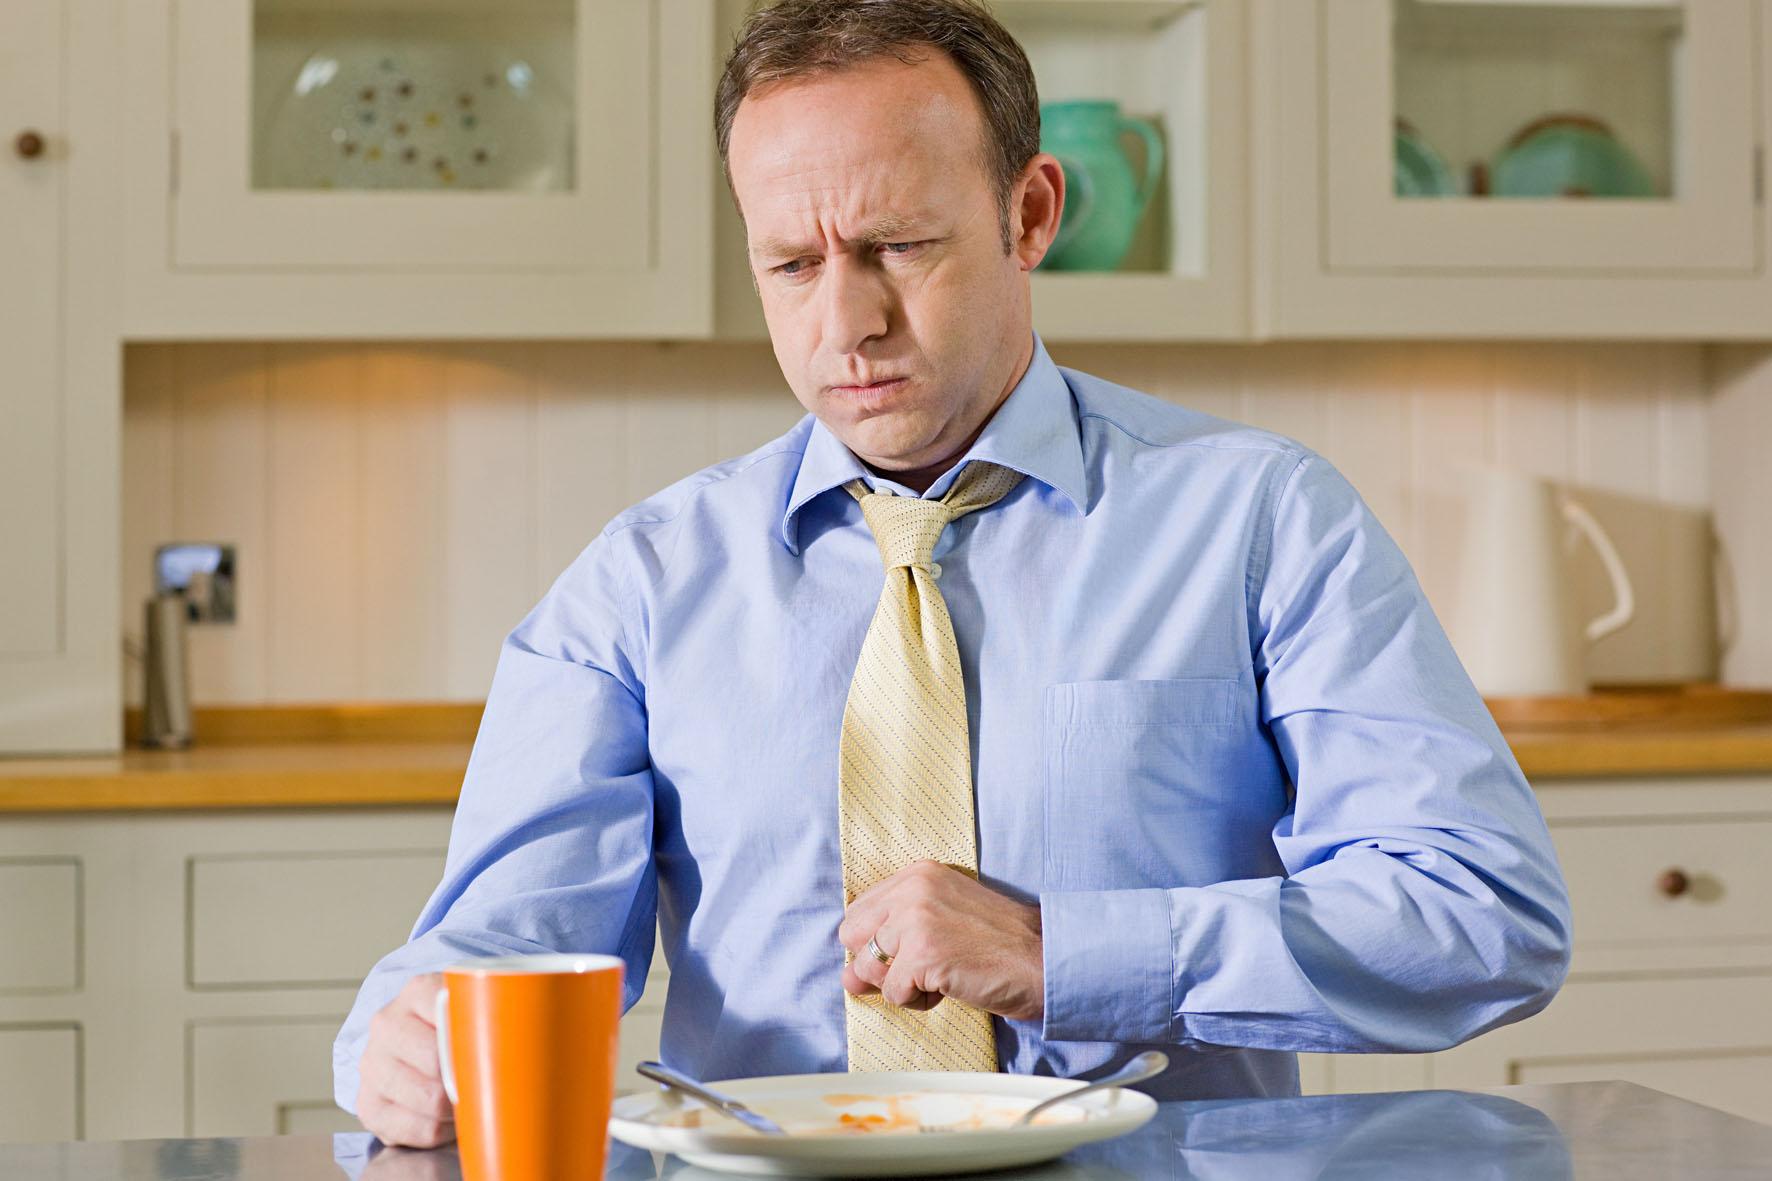 Изжога после еды - что делать и как лечить, причины изжоги после еды